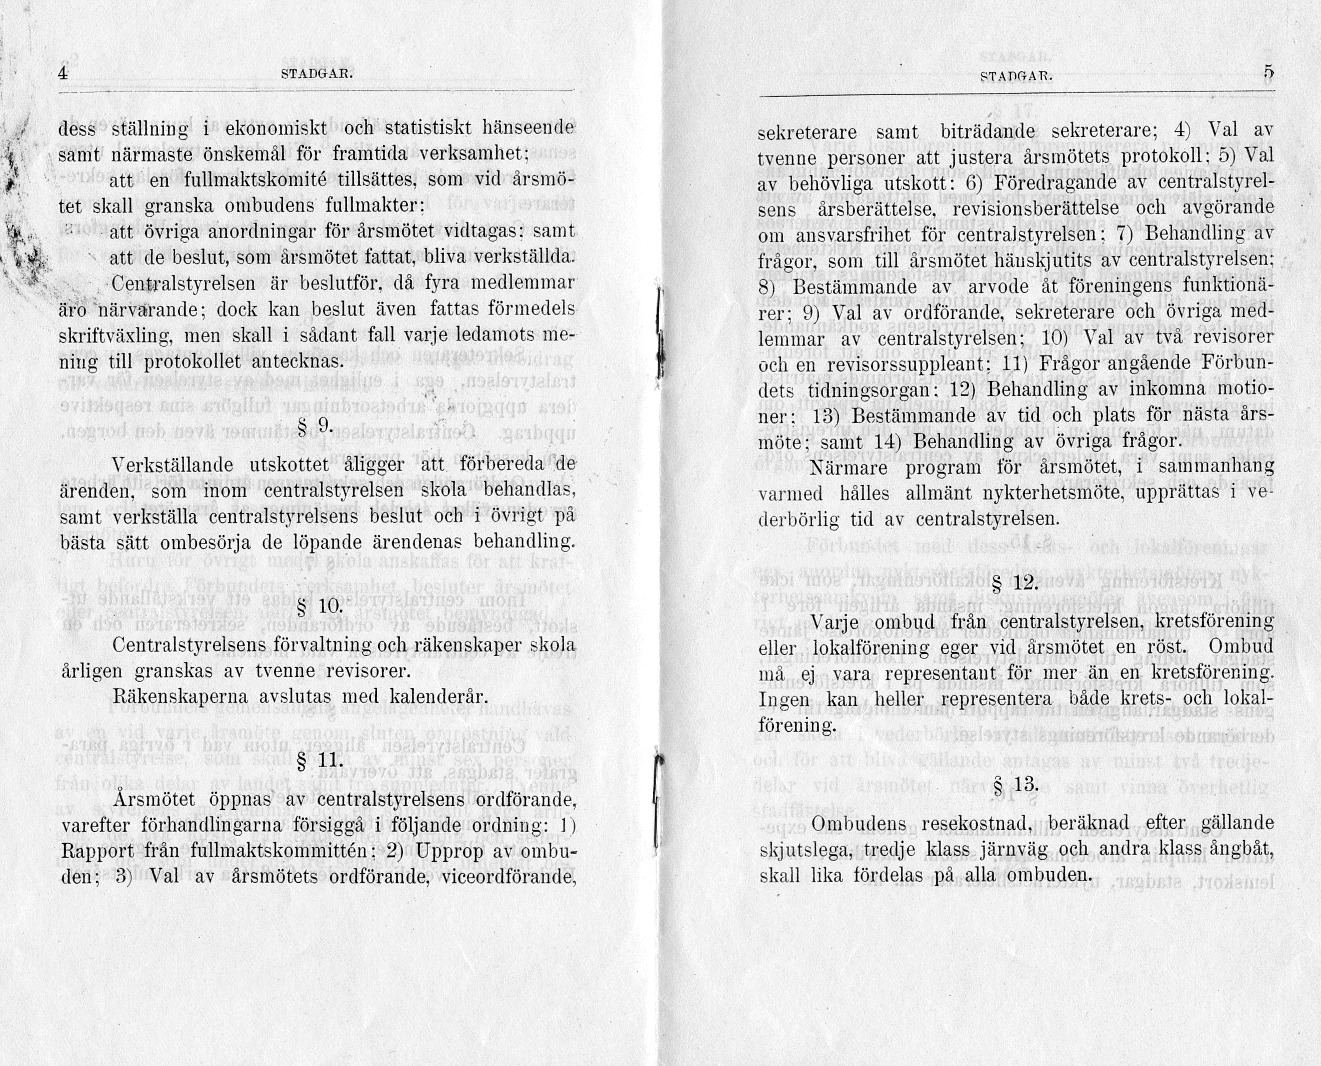 Stadgar sid 4 och 5